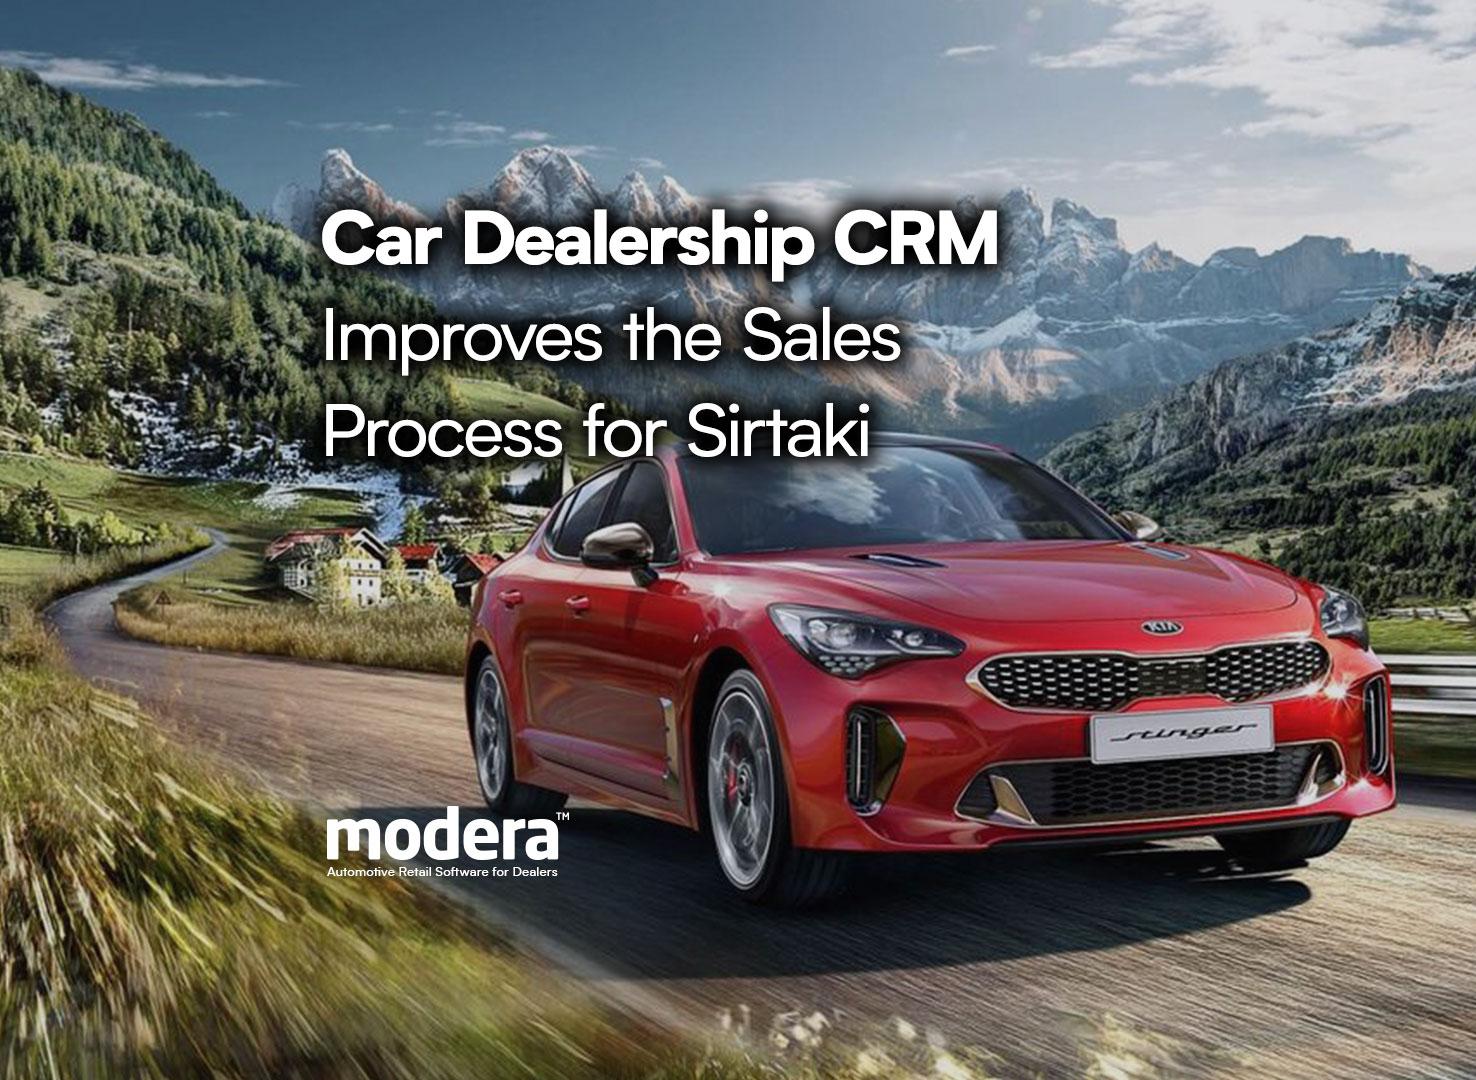 car dealership crm